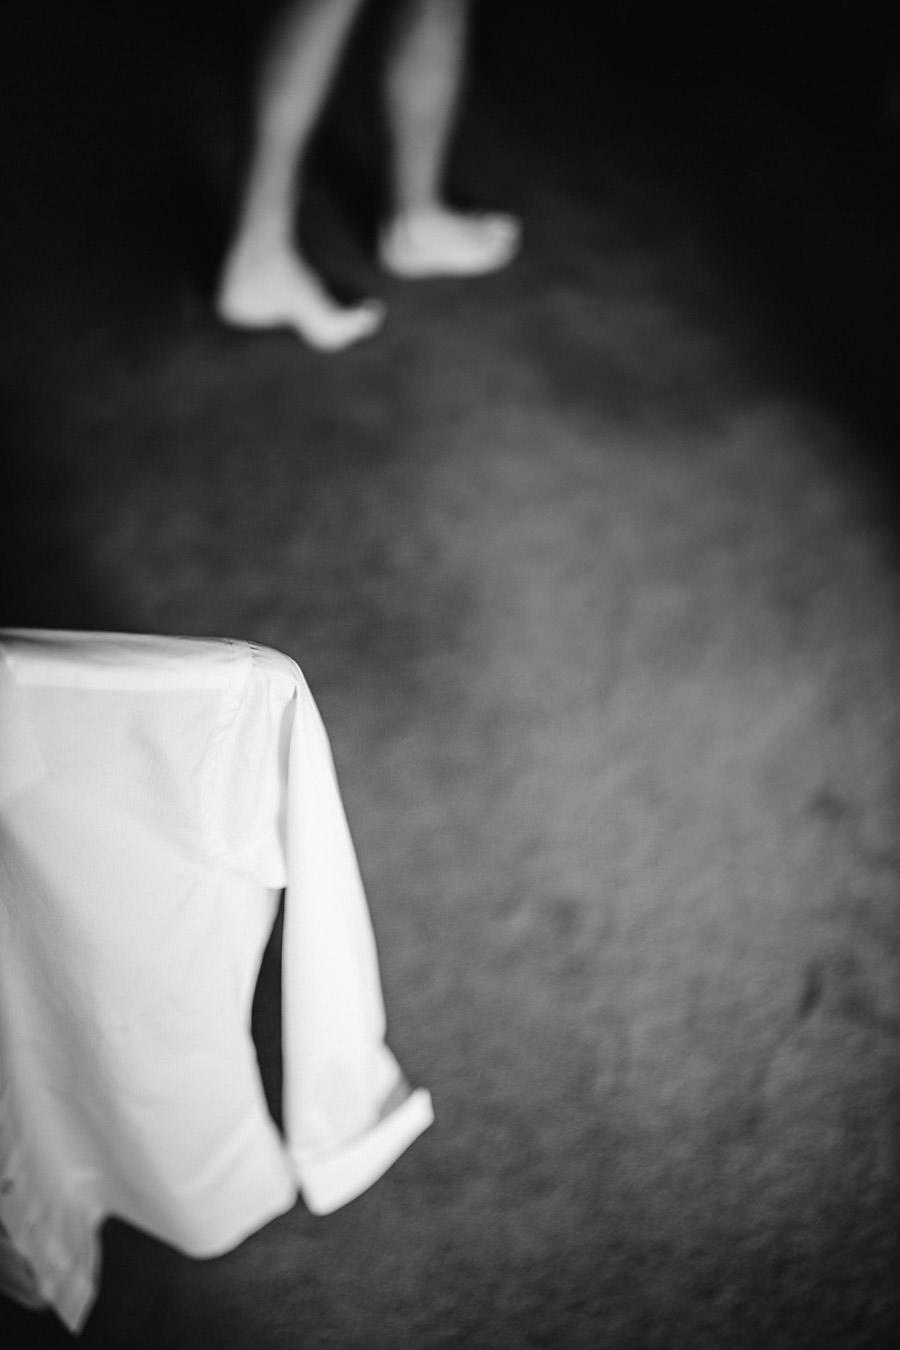 fotografia de casamento noivo a vestir